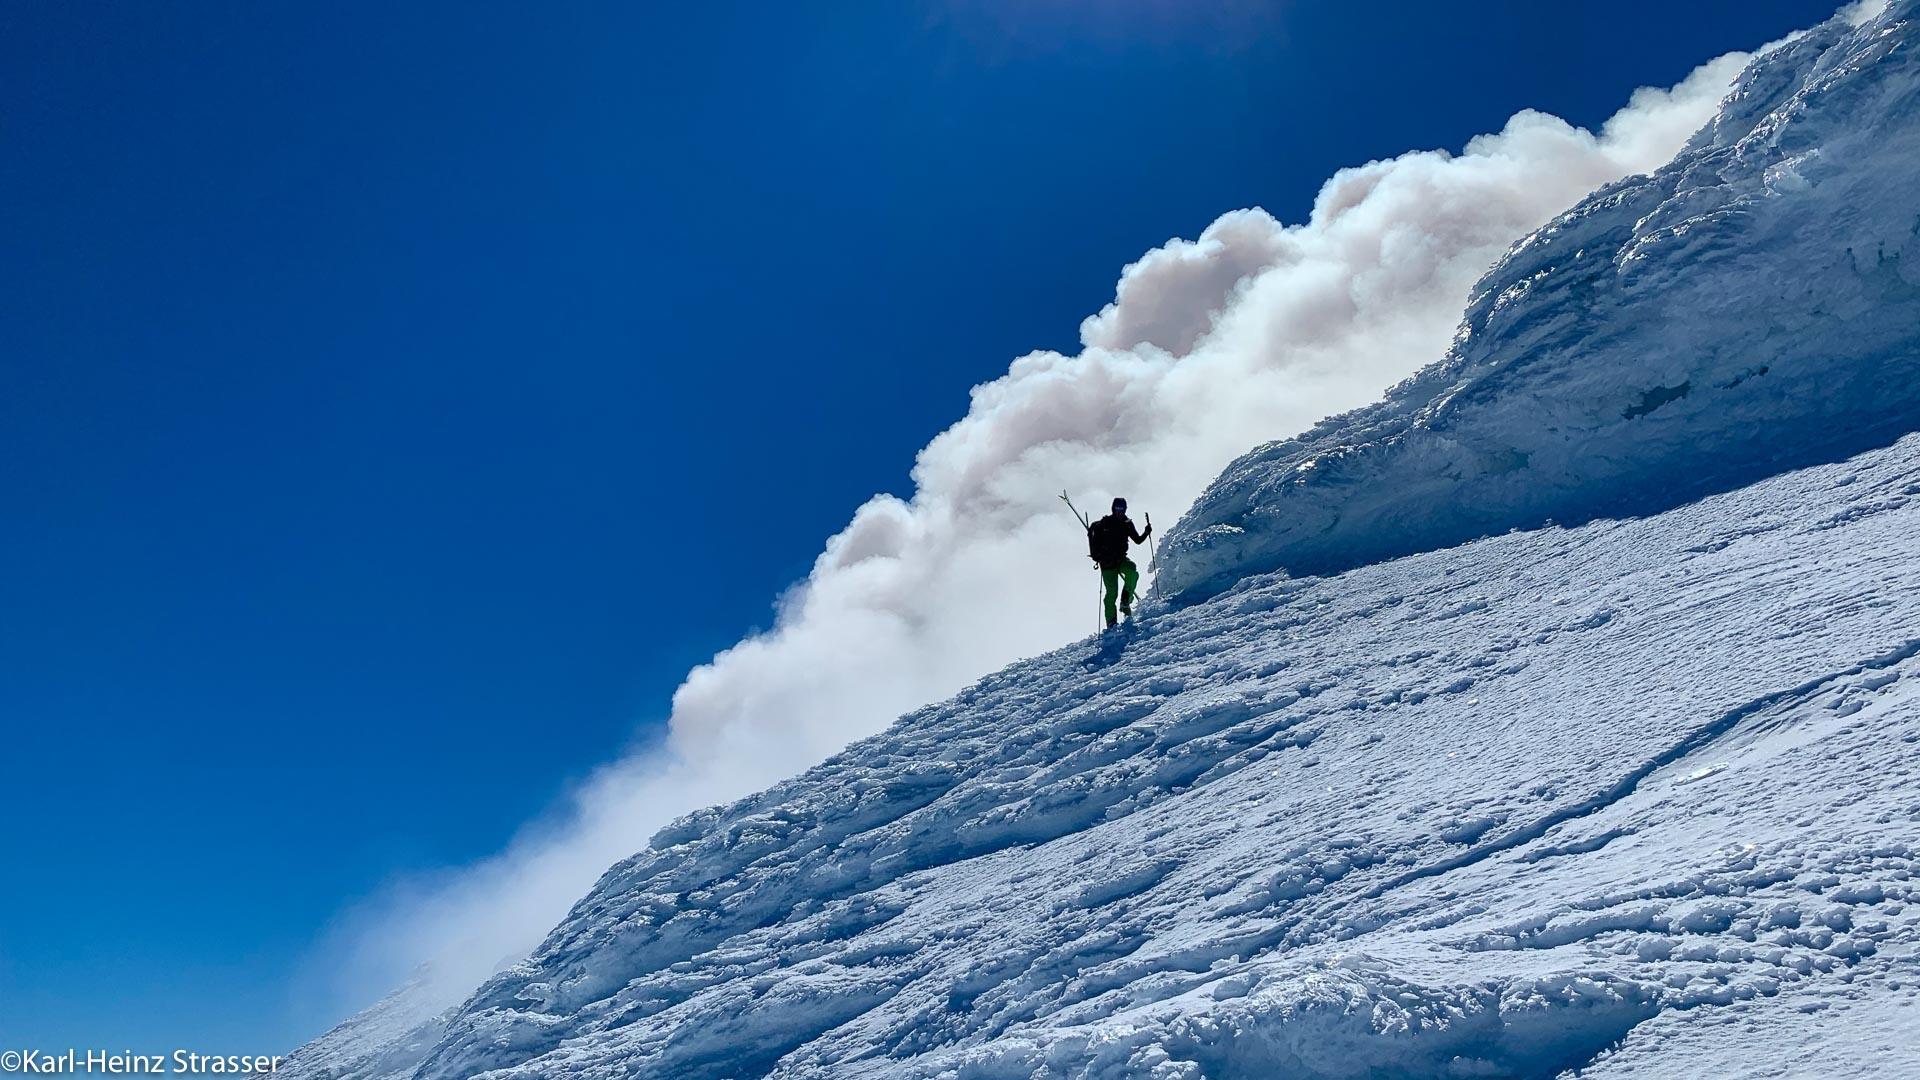 Rauch am Vulkangipfel